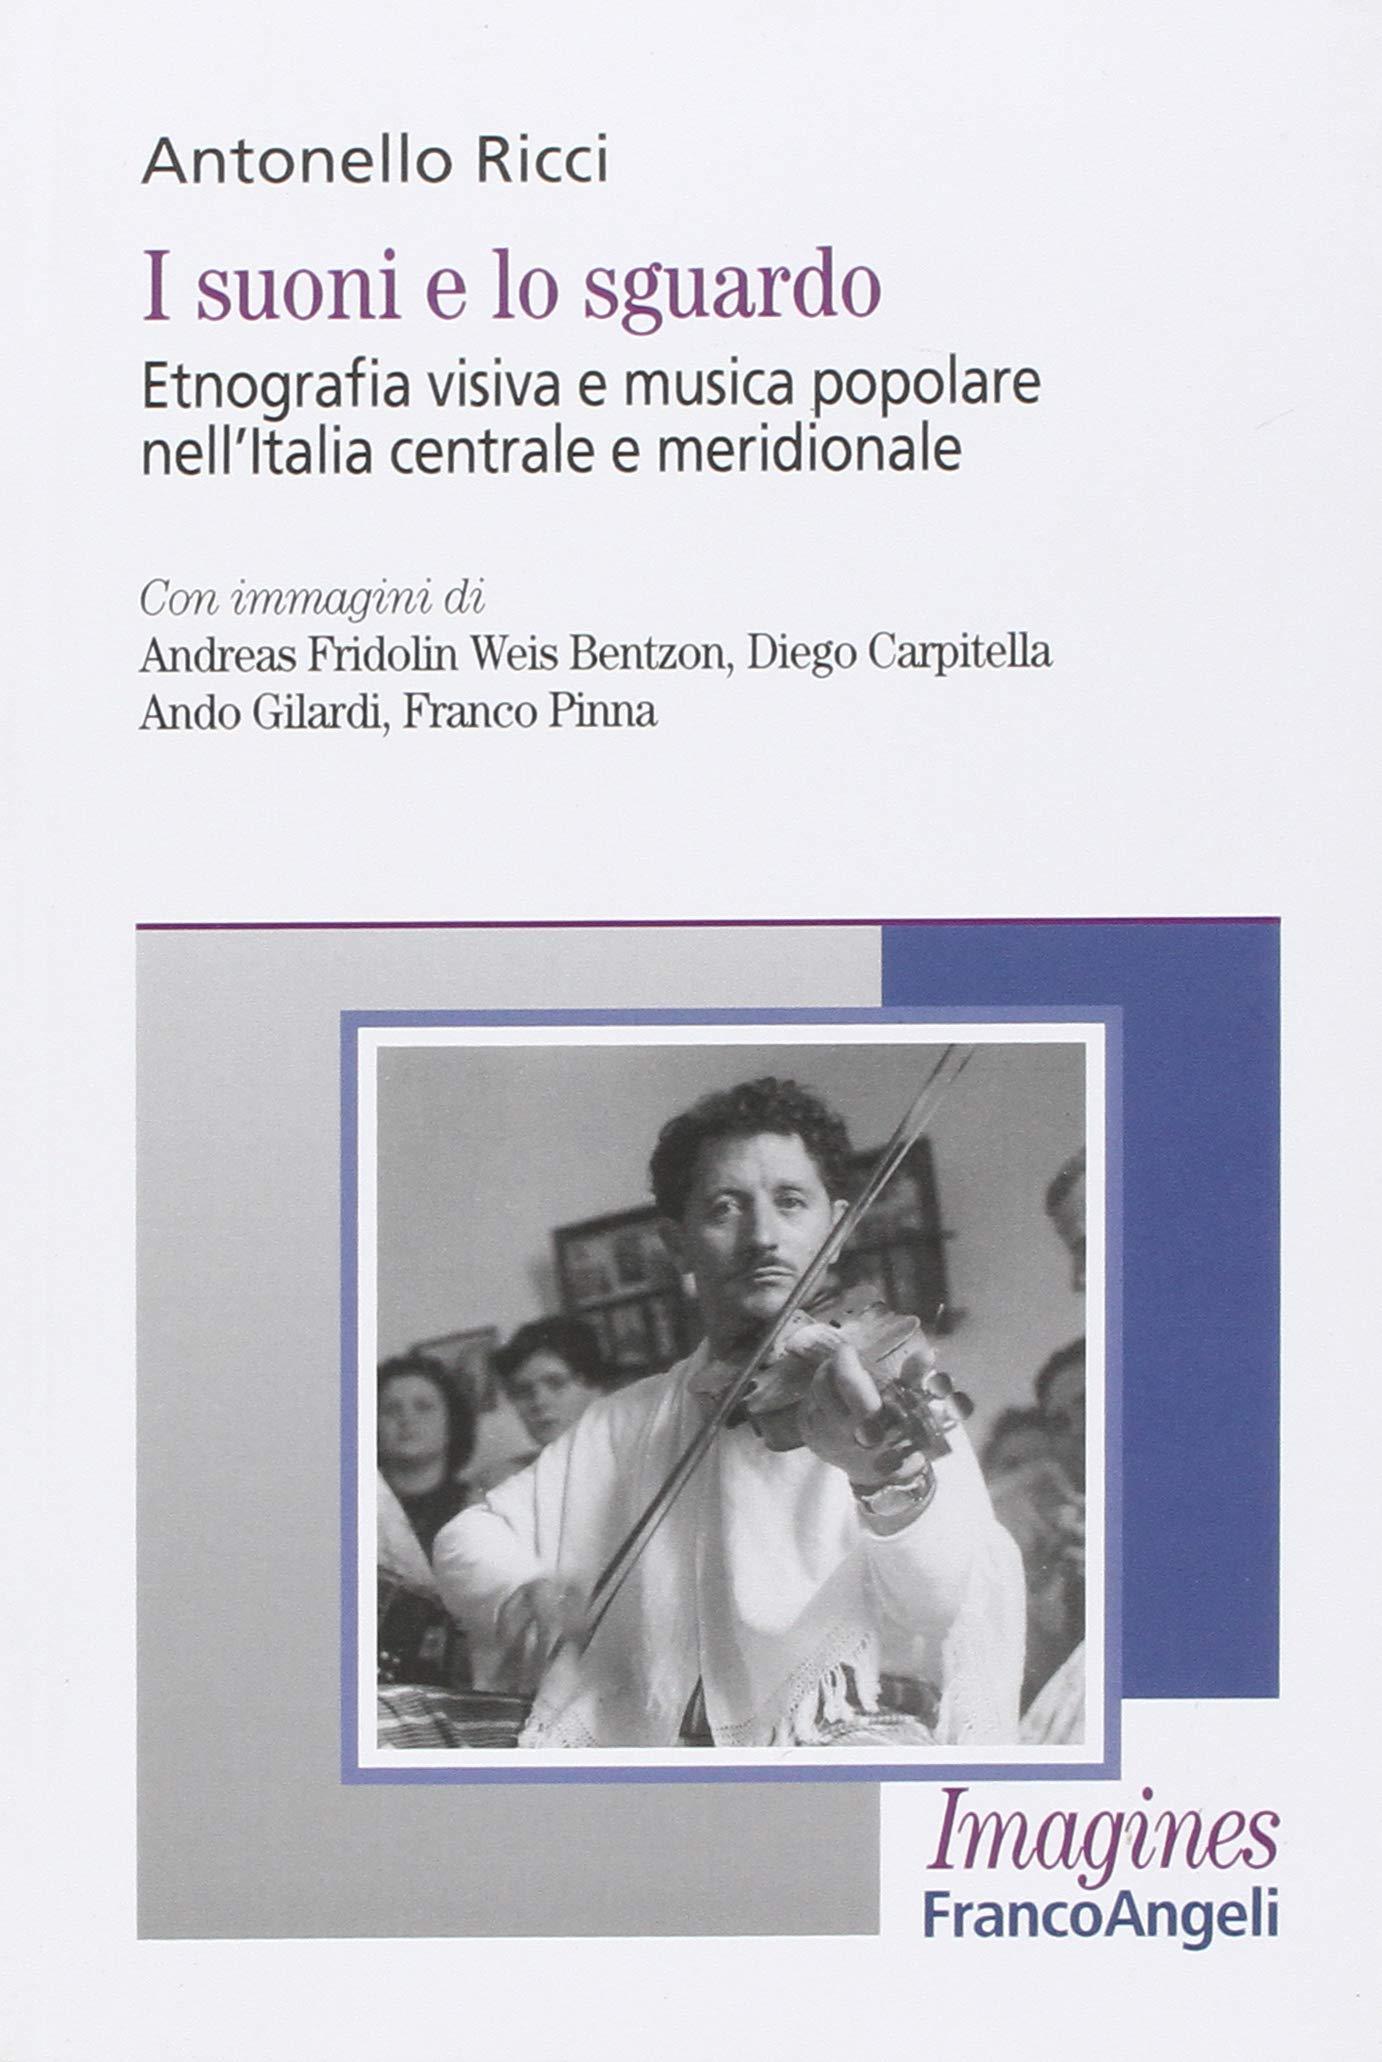 I suoni e lo sguardo. Etnografia visiva e musica popolare nell'Italia centrale e meridionale Copertina flessibile – 28 ago 2007 Antonello Ricci Franco Angeli 8846487621 SCIENZE SOCIALI